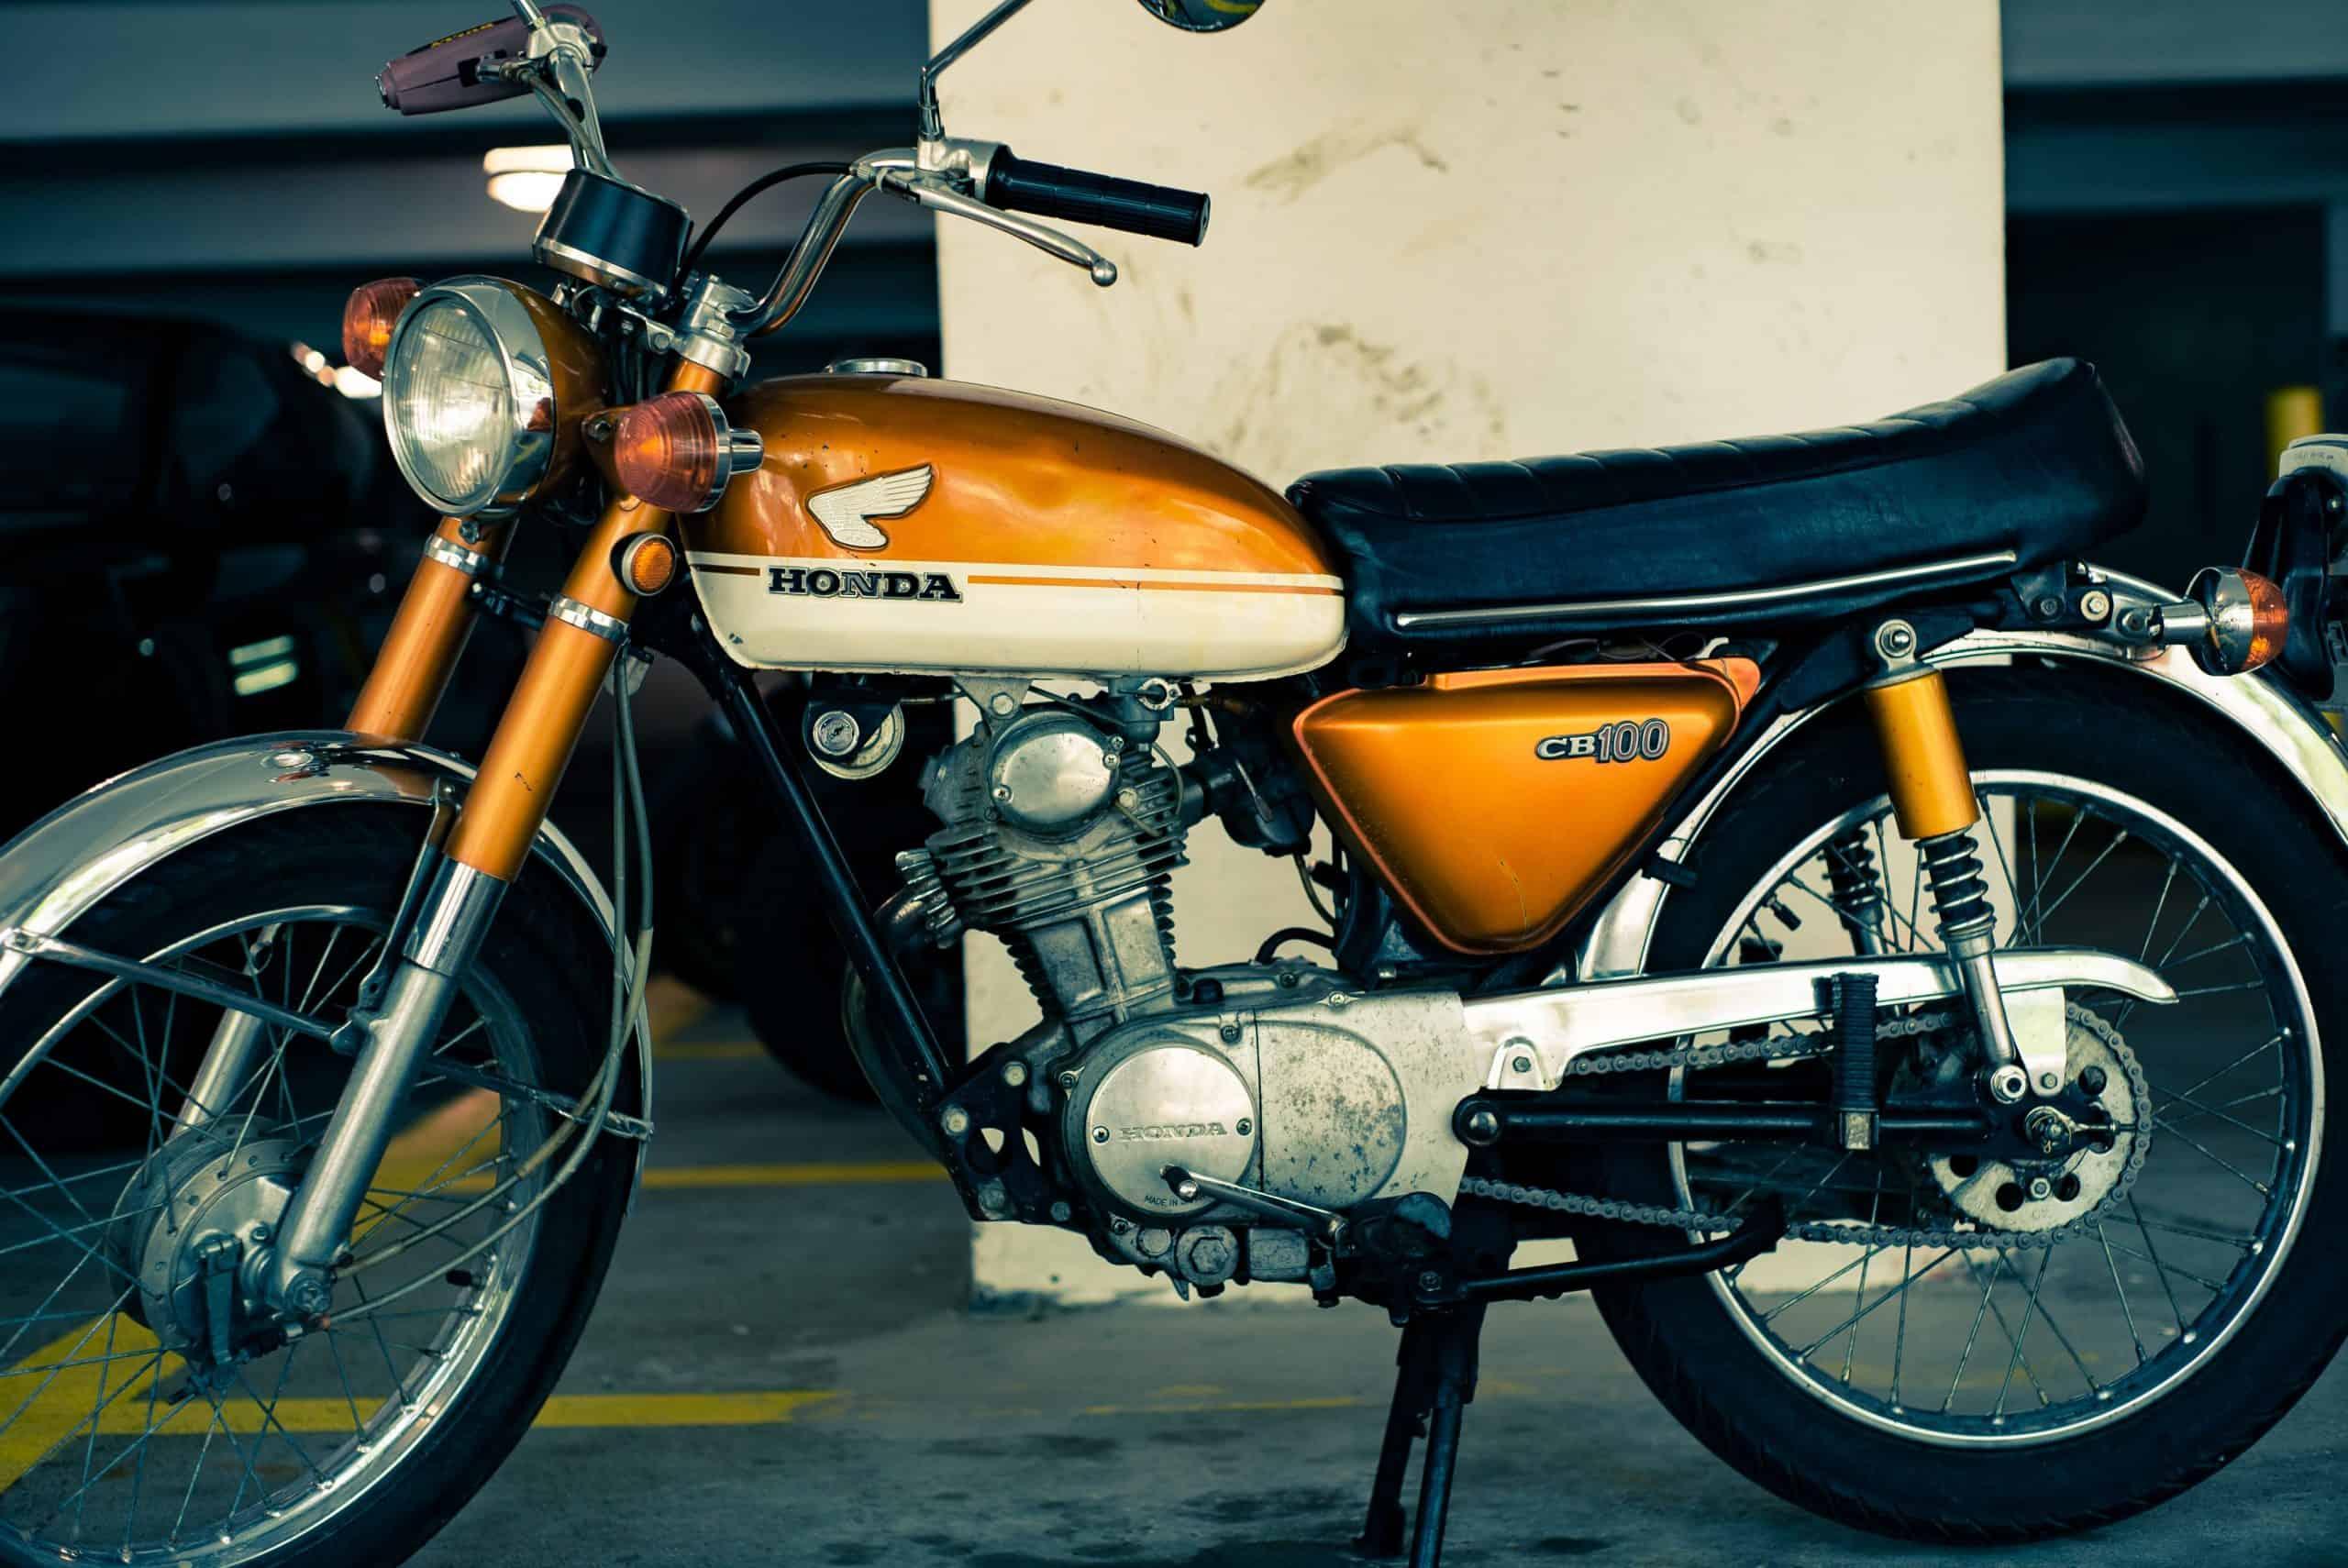 Honda planuje motocykl z wbudowanym dronem. Tego jeszcze nie było!